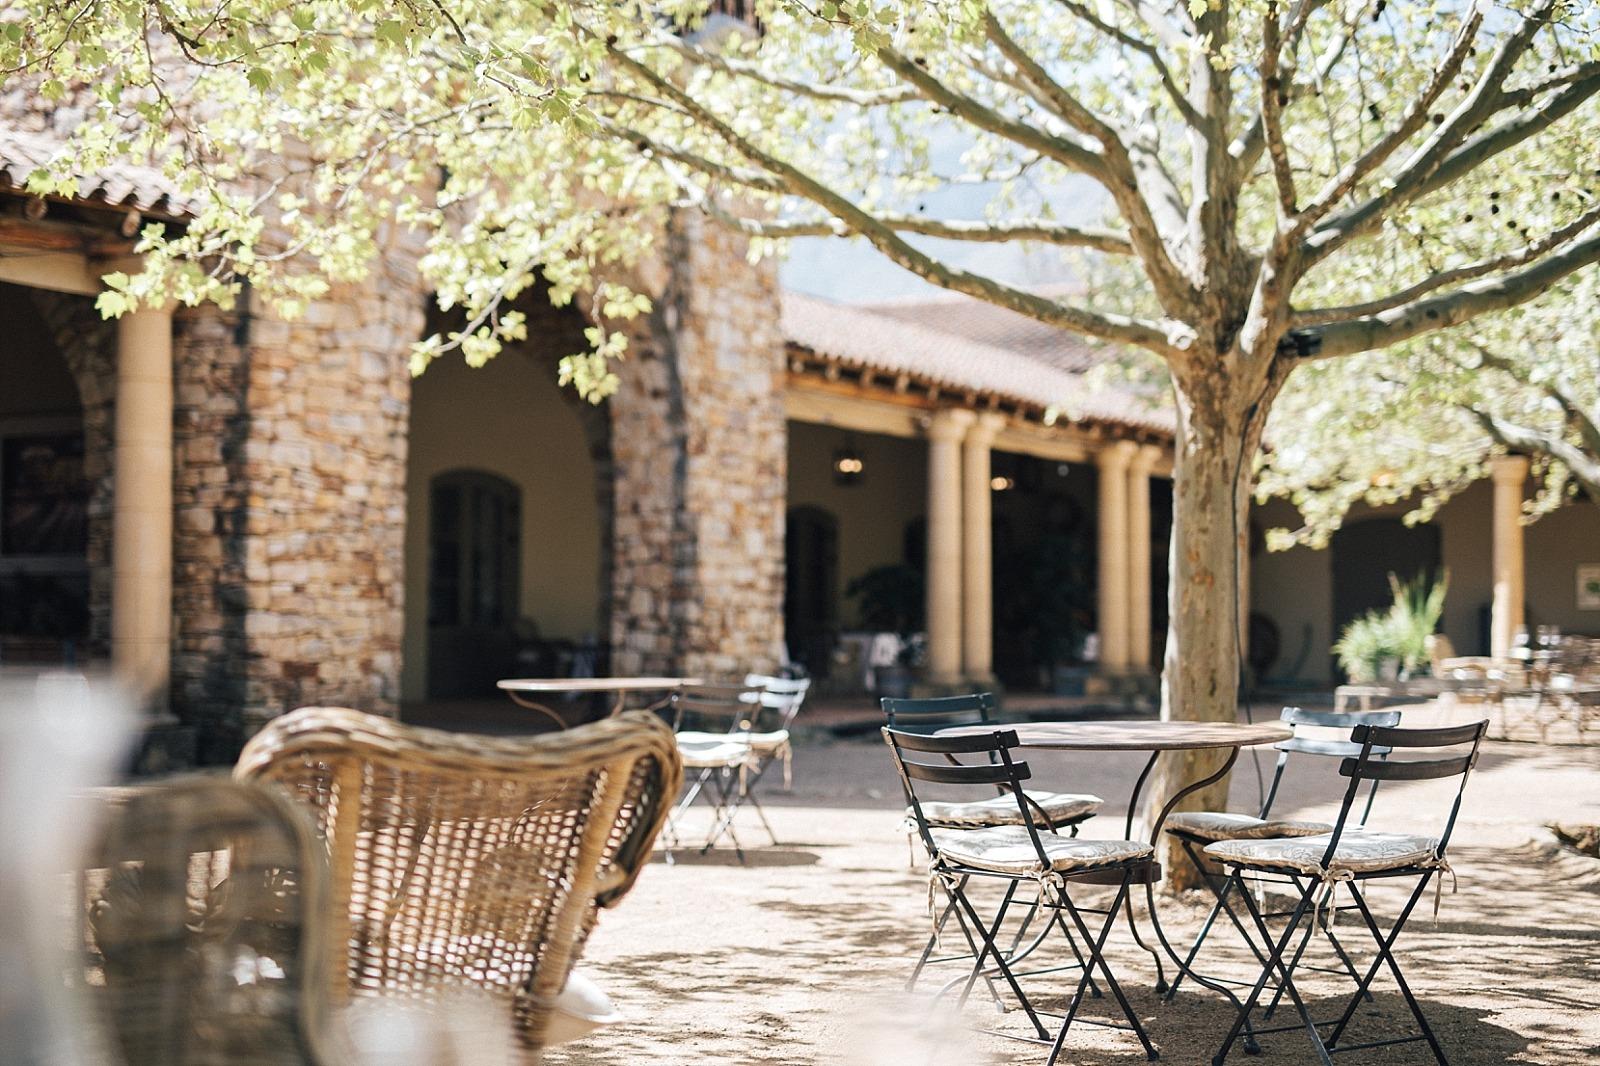 Cape town stellenbosch vignoble afrique du sud waterford estate